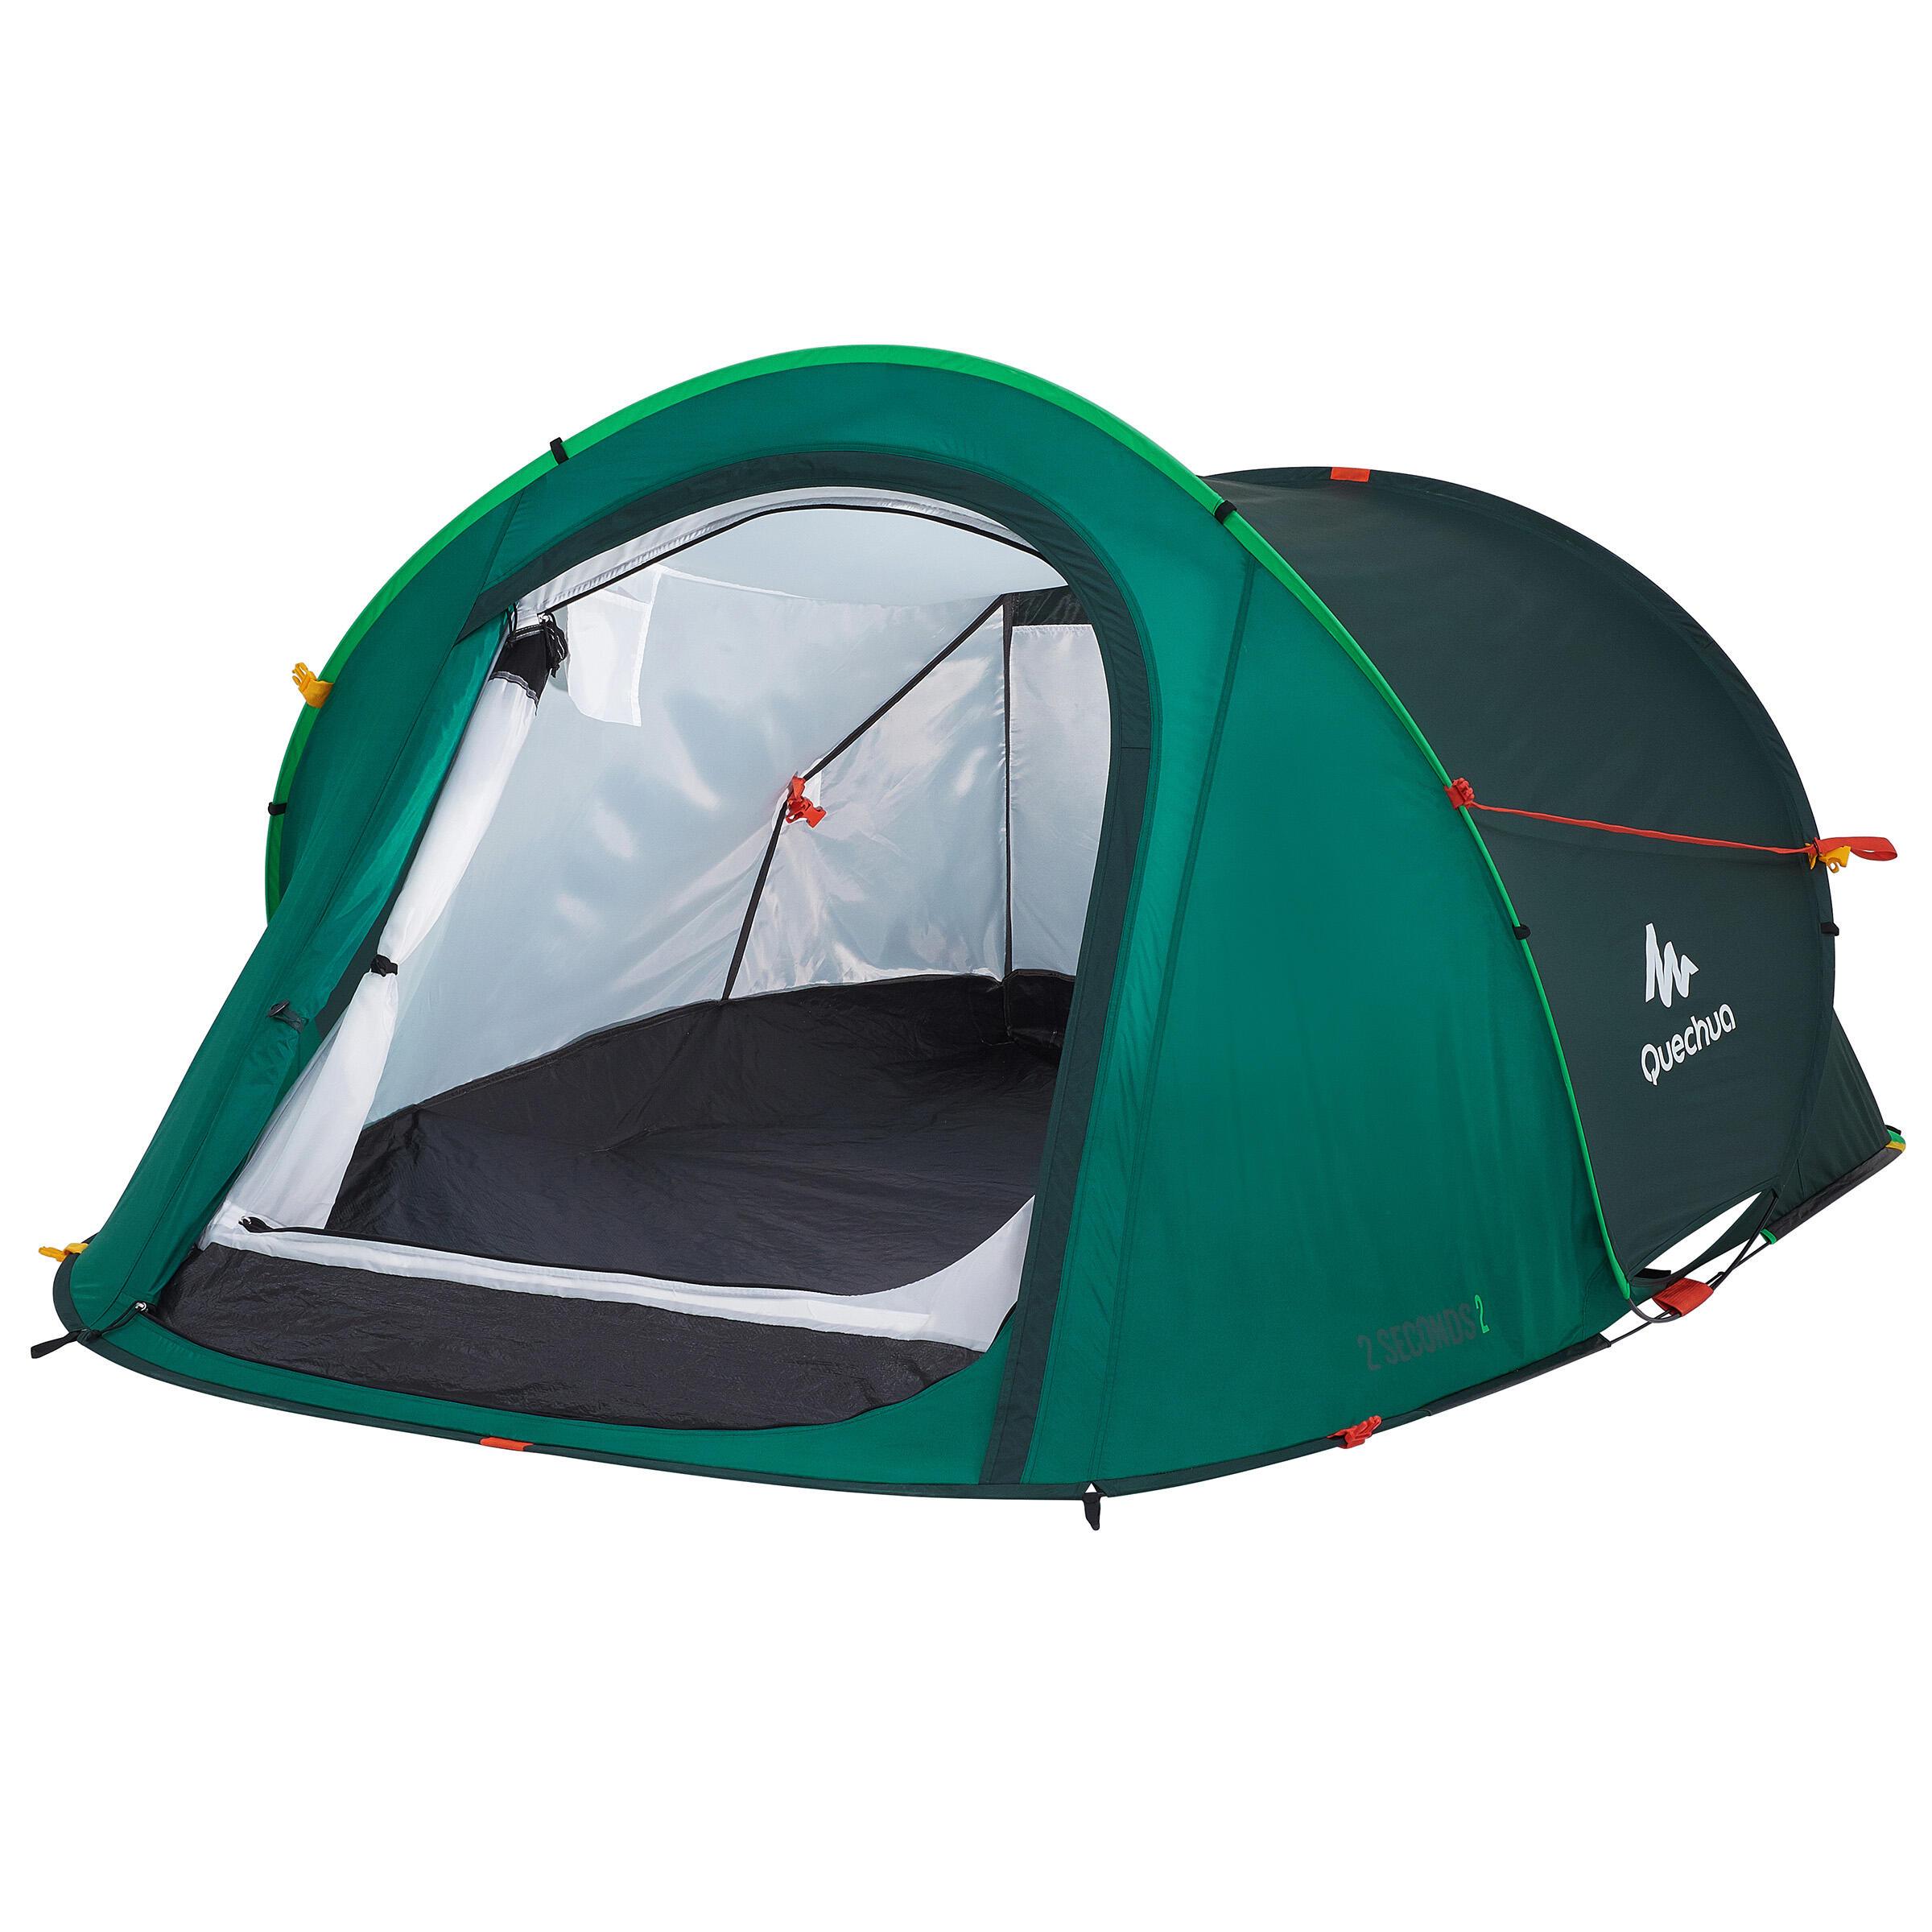 quechua pop up tent2 seconds 2 personen. Black Bedroom Furniture Sets. Home Design Ideas